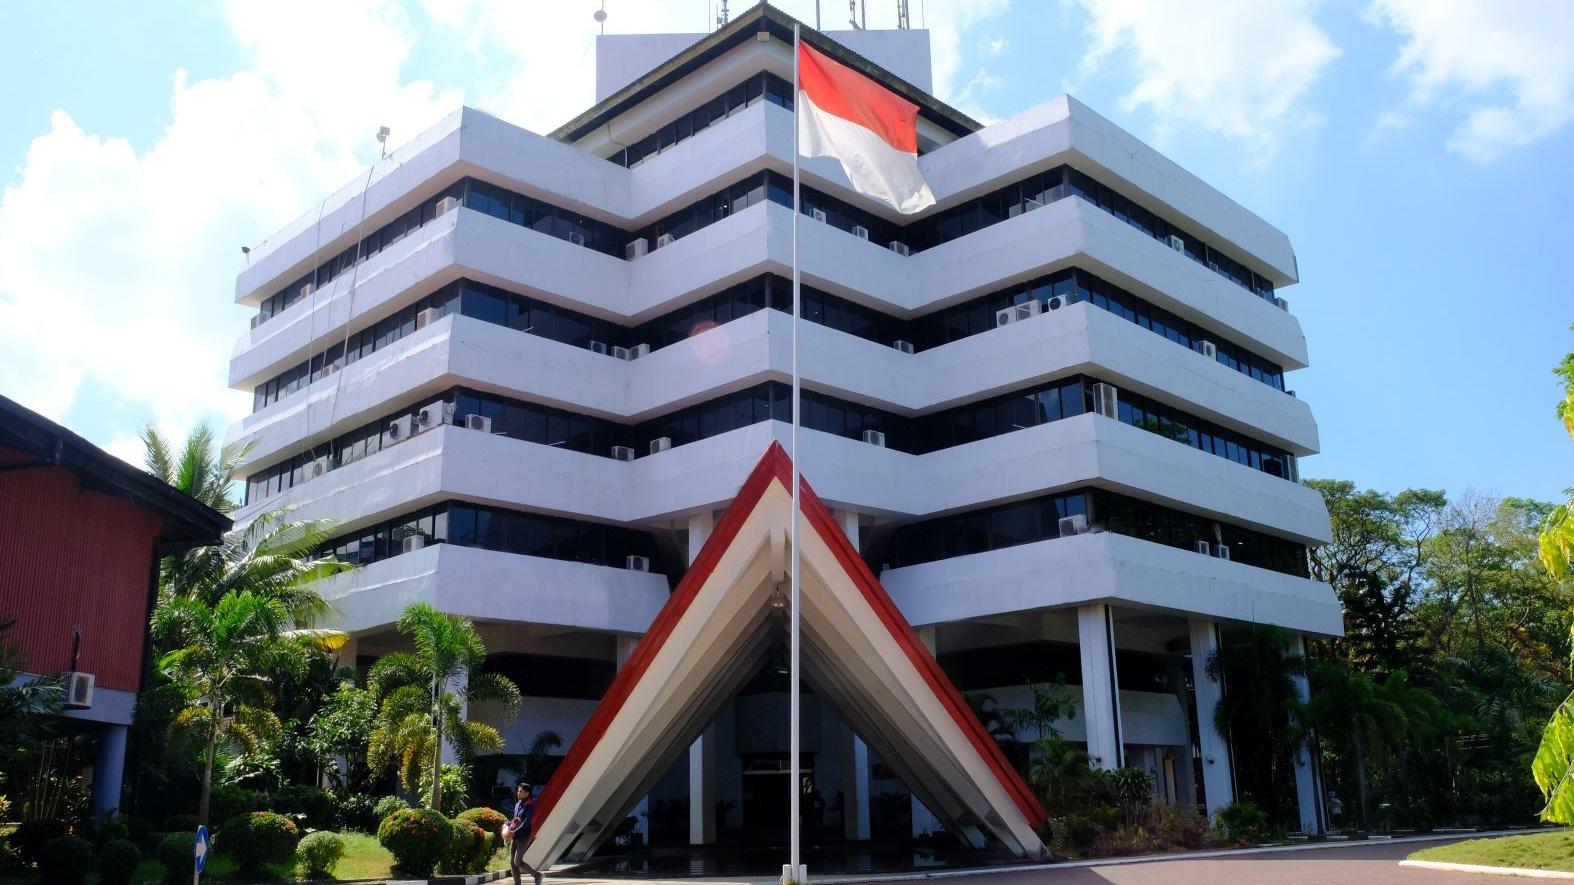 Universitas Hasanuddin (UNHAS) International Programs